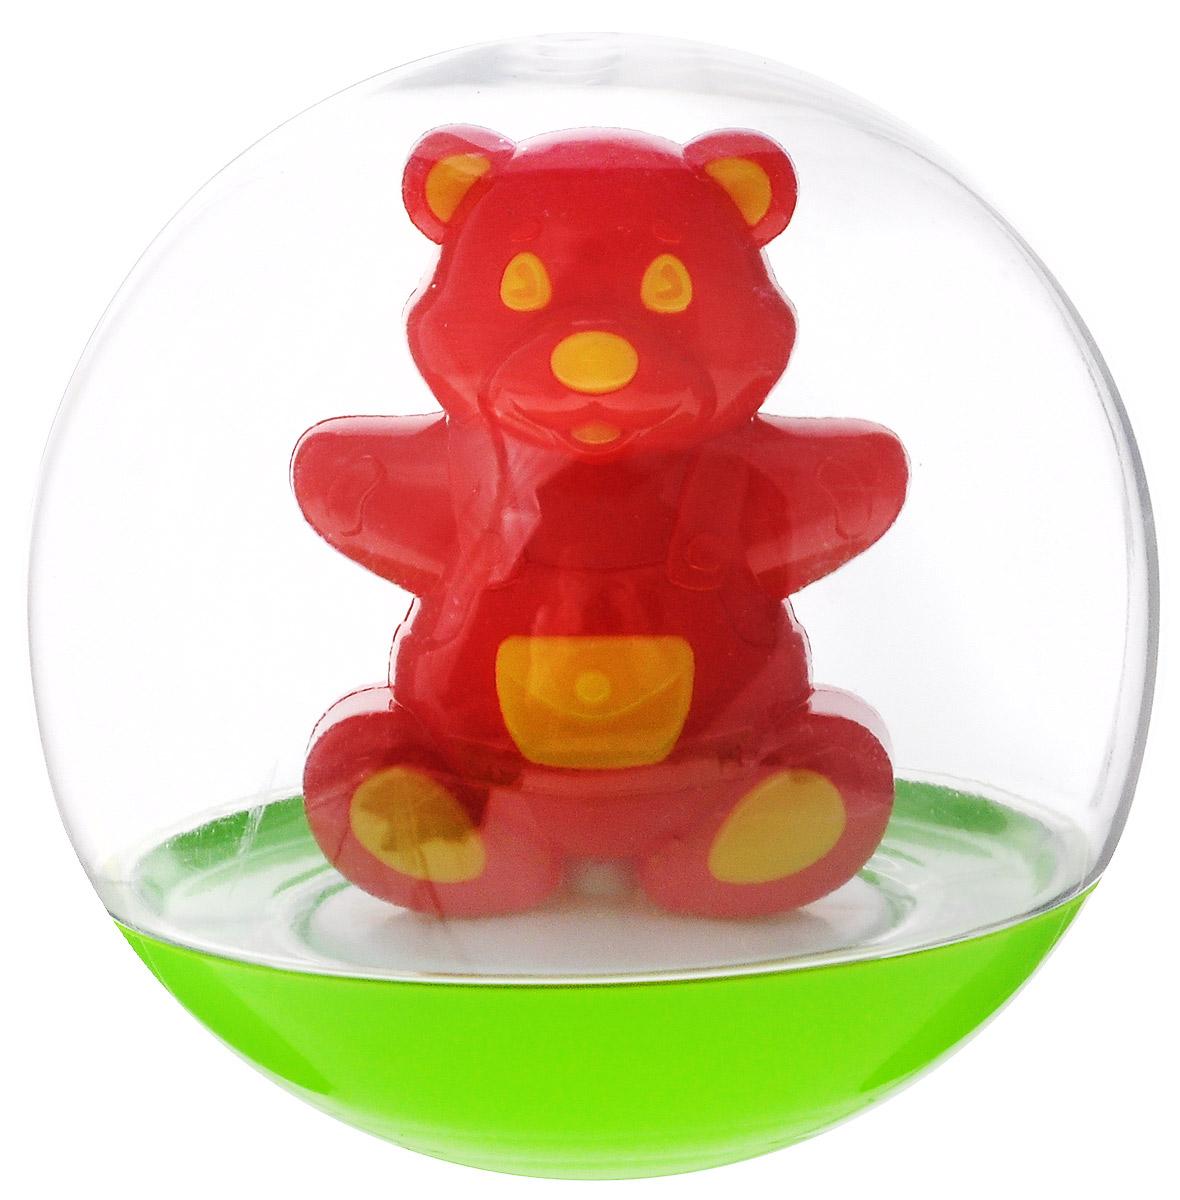 Stellar Погремушка-неваляшка Мишка цвет красный желтый цена и фото